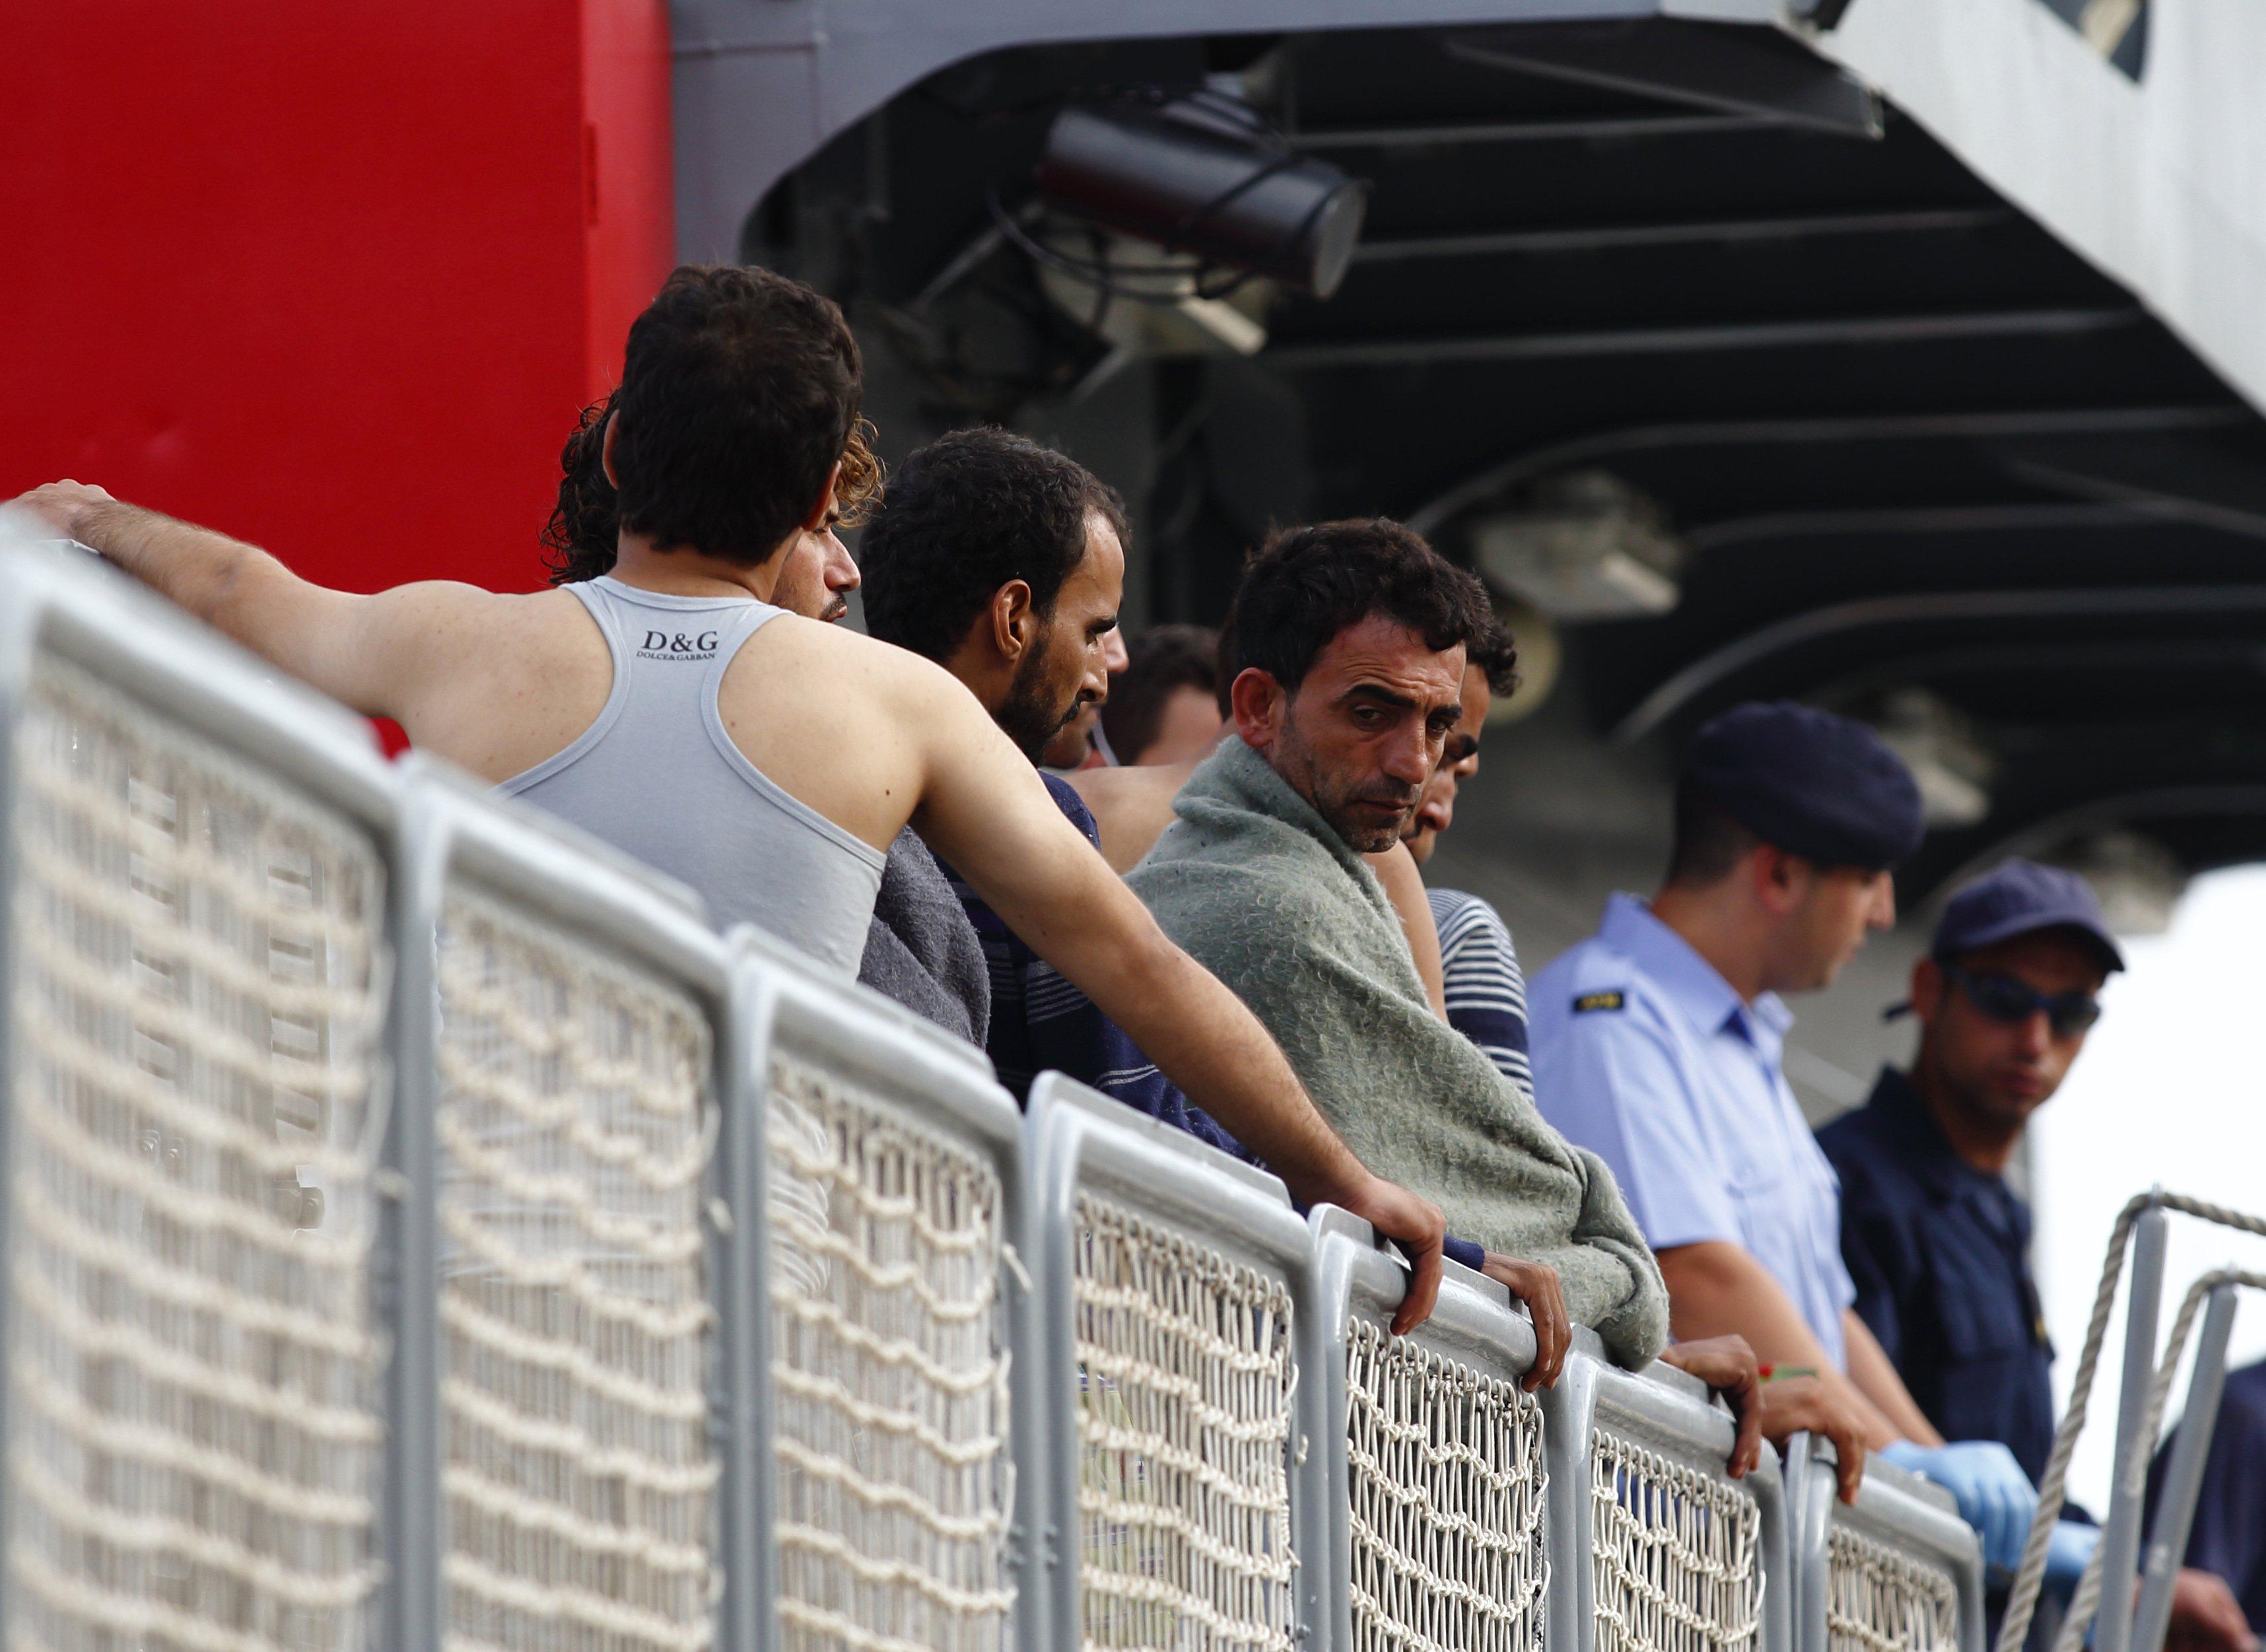 I padri separati che rischiano di essere sfrattati dai profughi ...